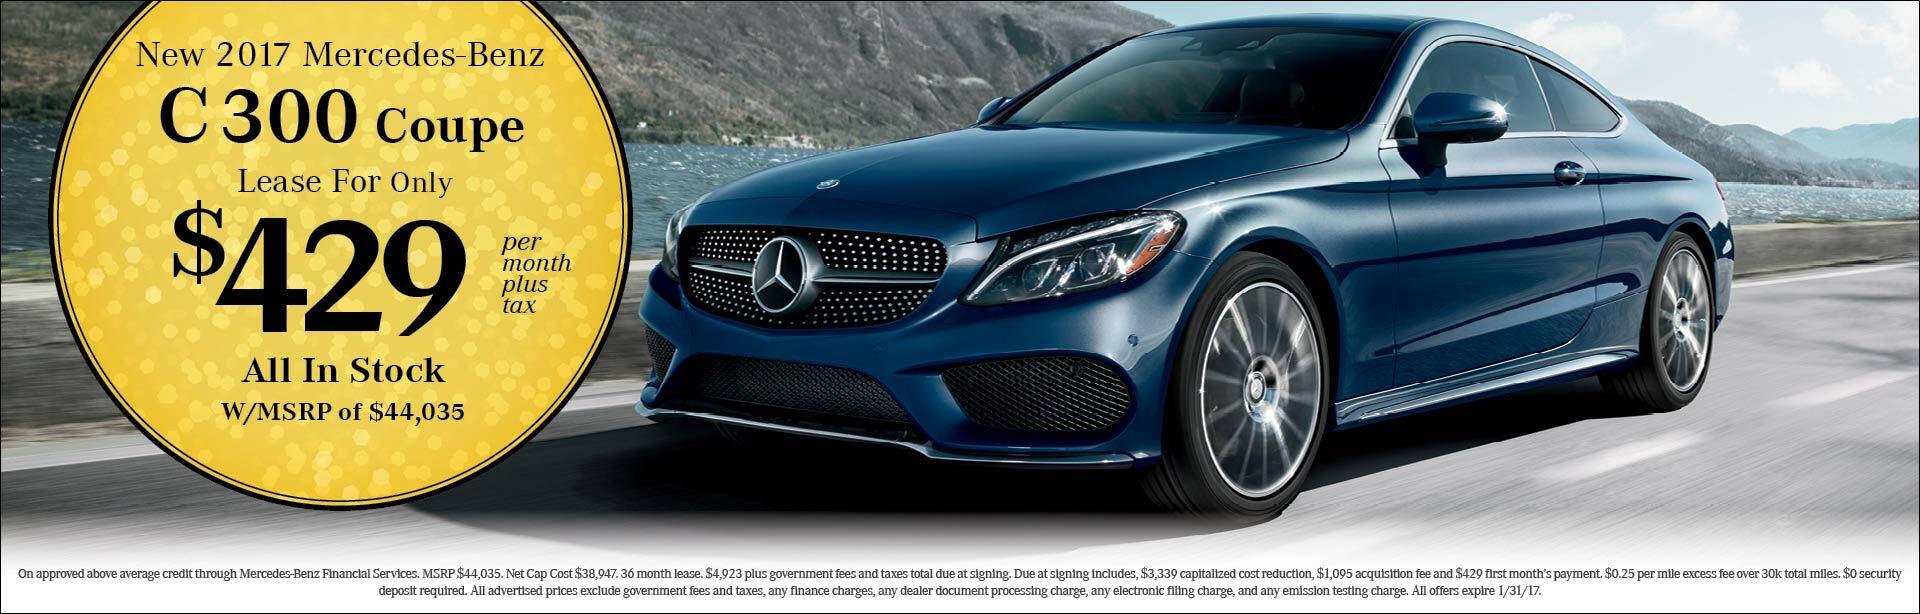 Mercedes-Benz Dealership West Covina CA | Used Cars Penske ...